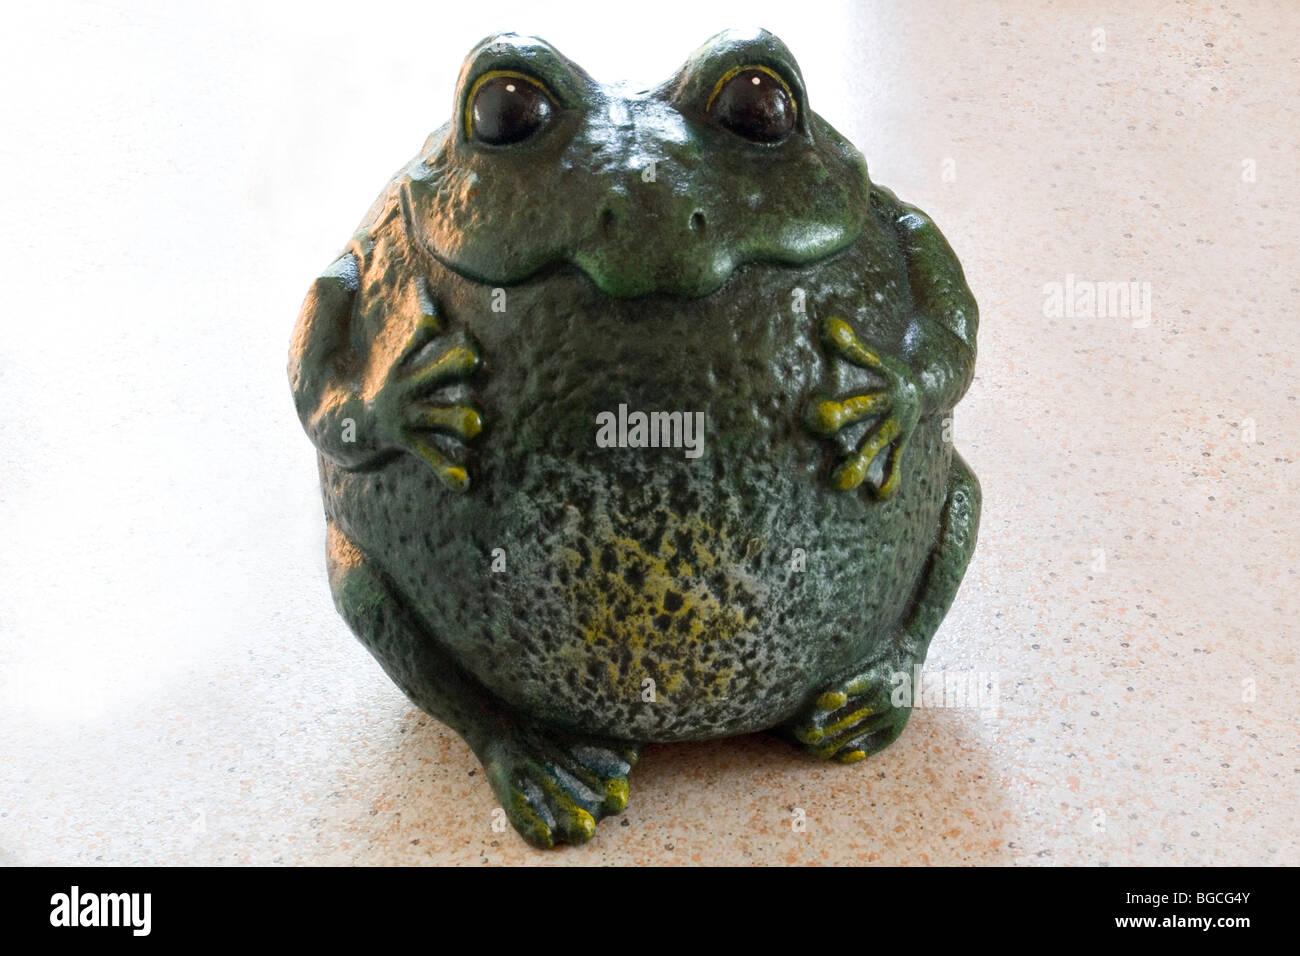 Ein lustiges gusseisernen Formen eines Frosches (Jahrhundert 19.). Amusant Moulage de Fonte d ' une Grenouille Stockbild